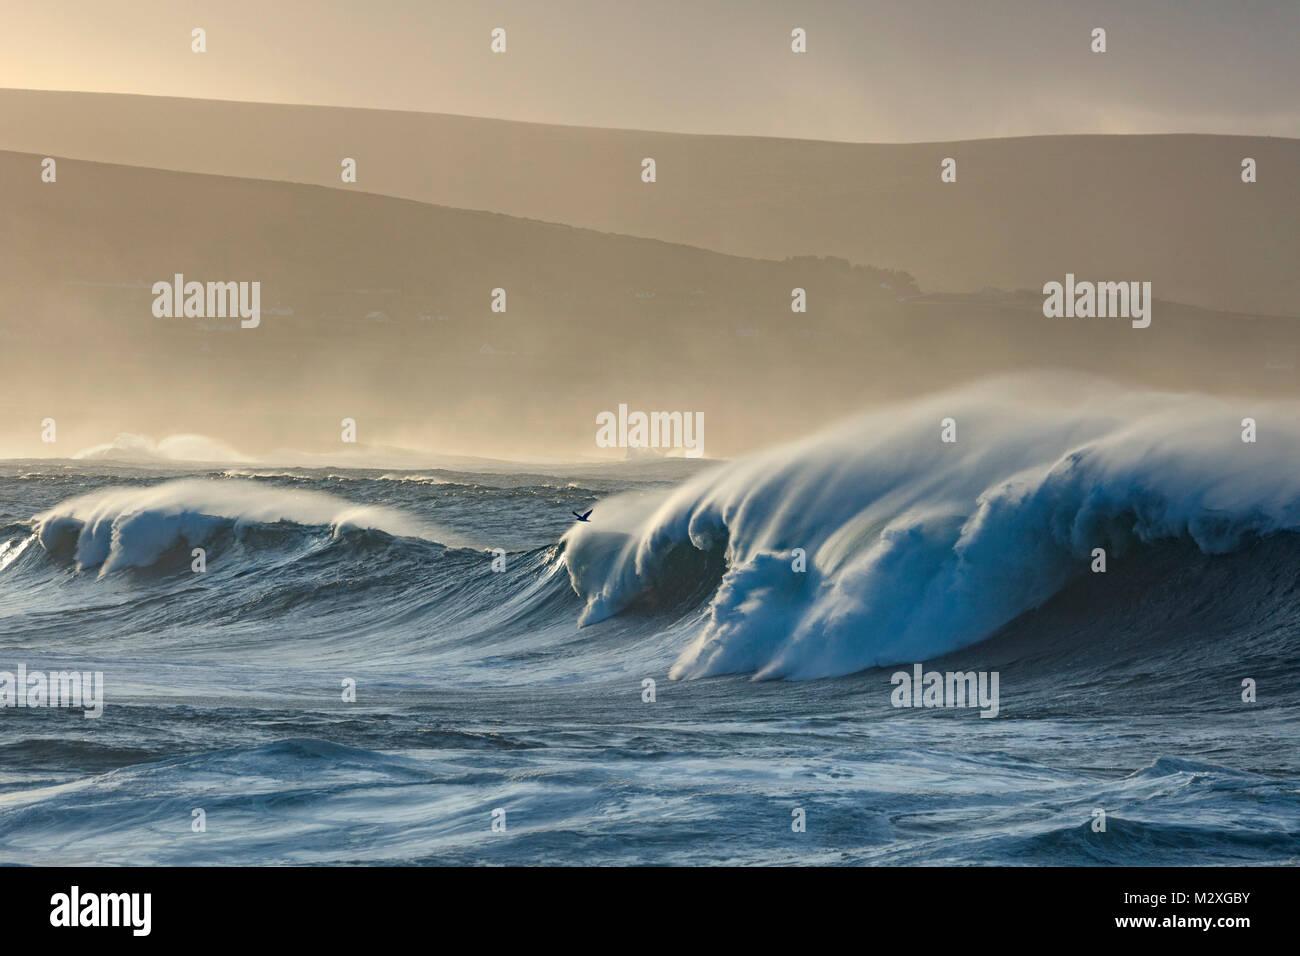 Atlantic Storm Wellen in der Nähe von Ballycastle, County Mayo, Irland zu brechen. Stockbild